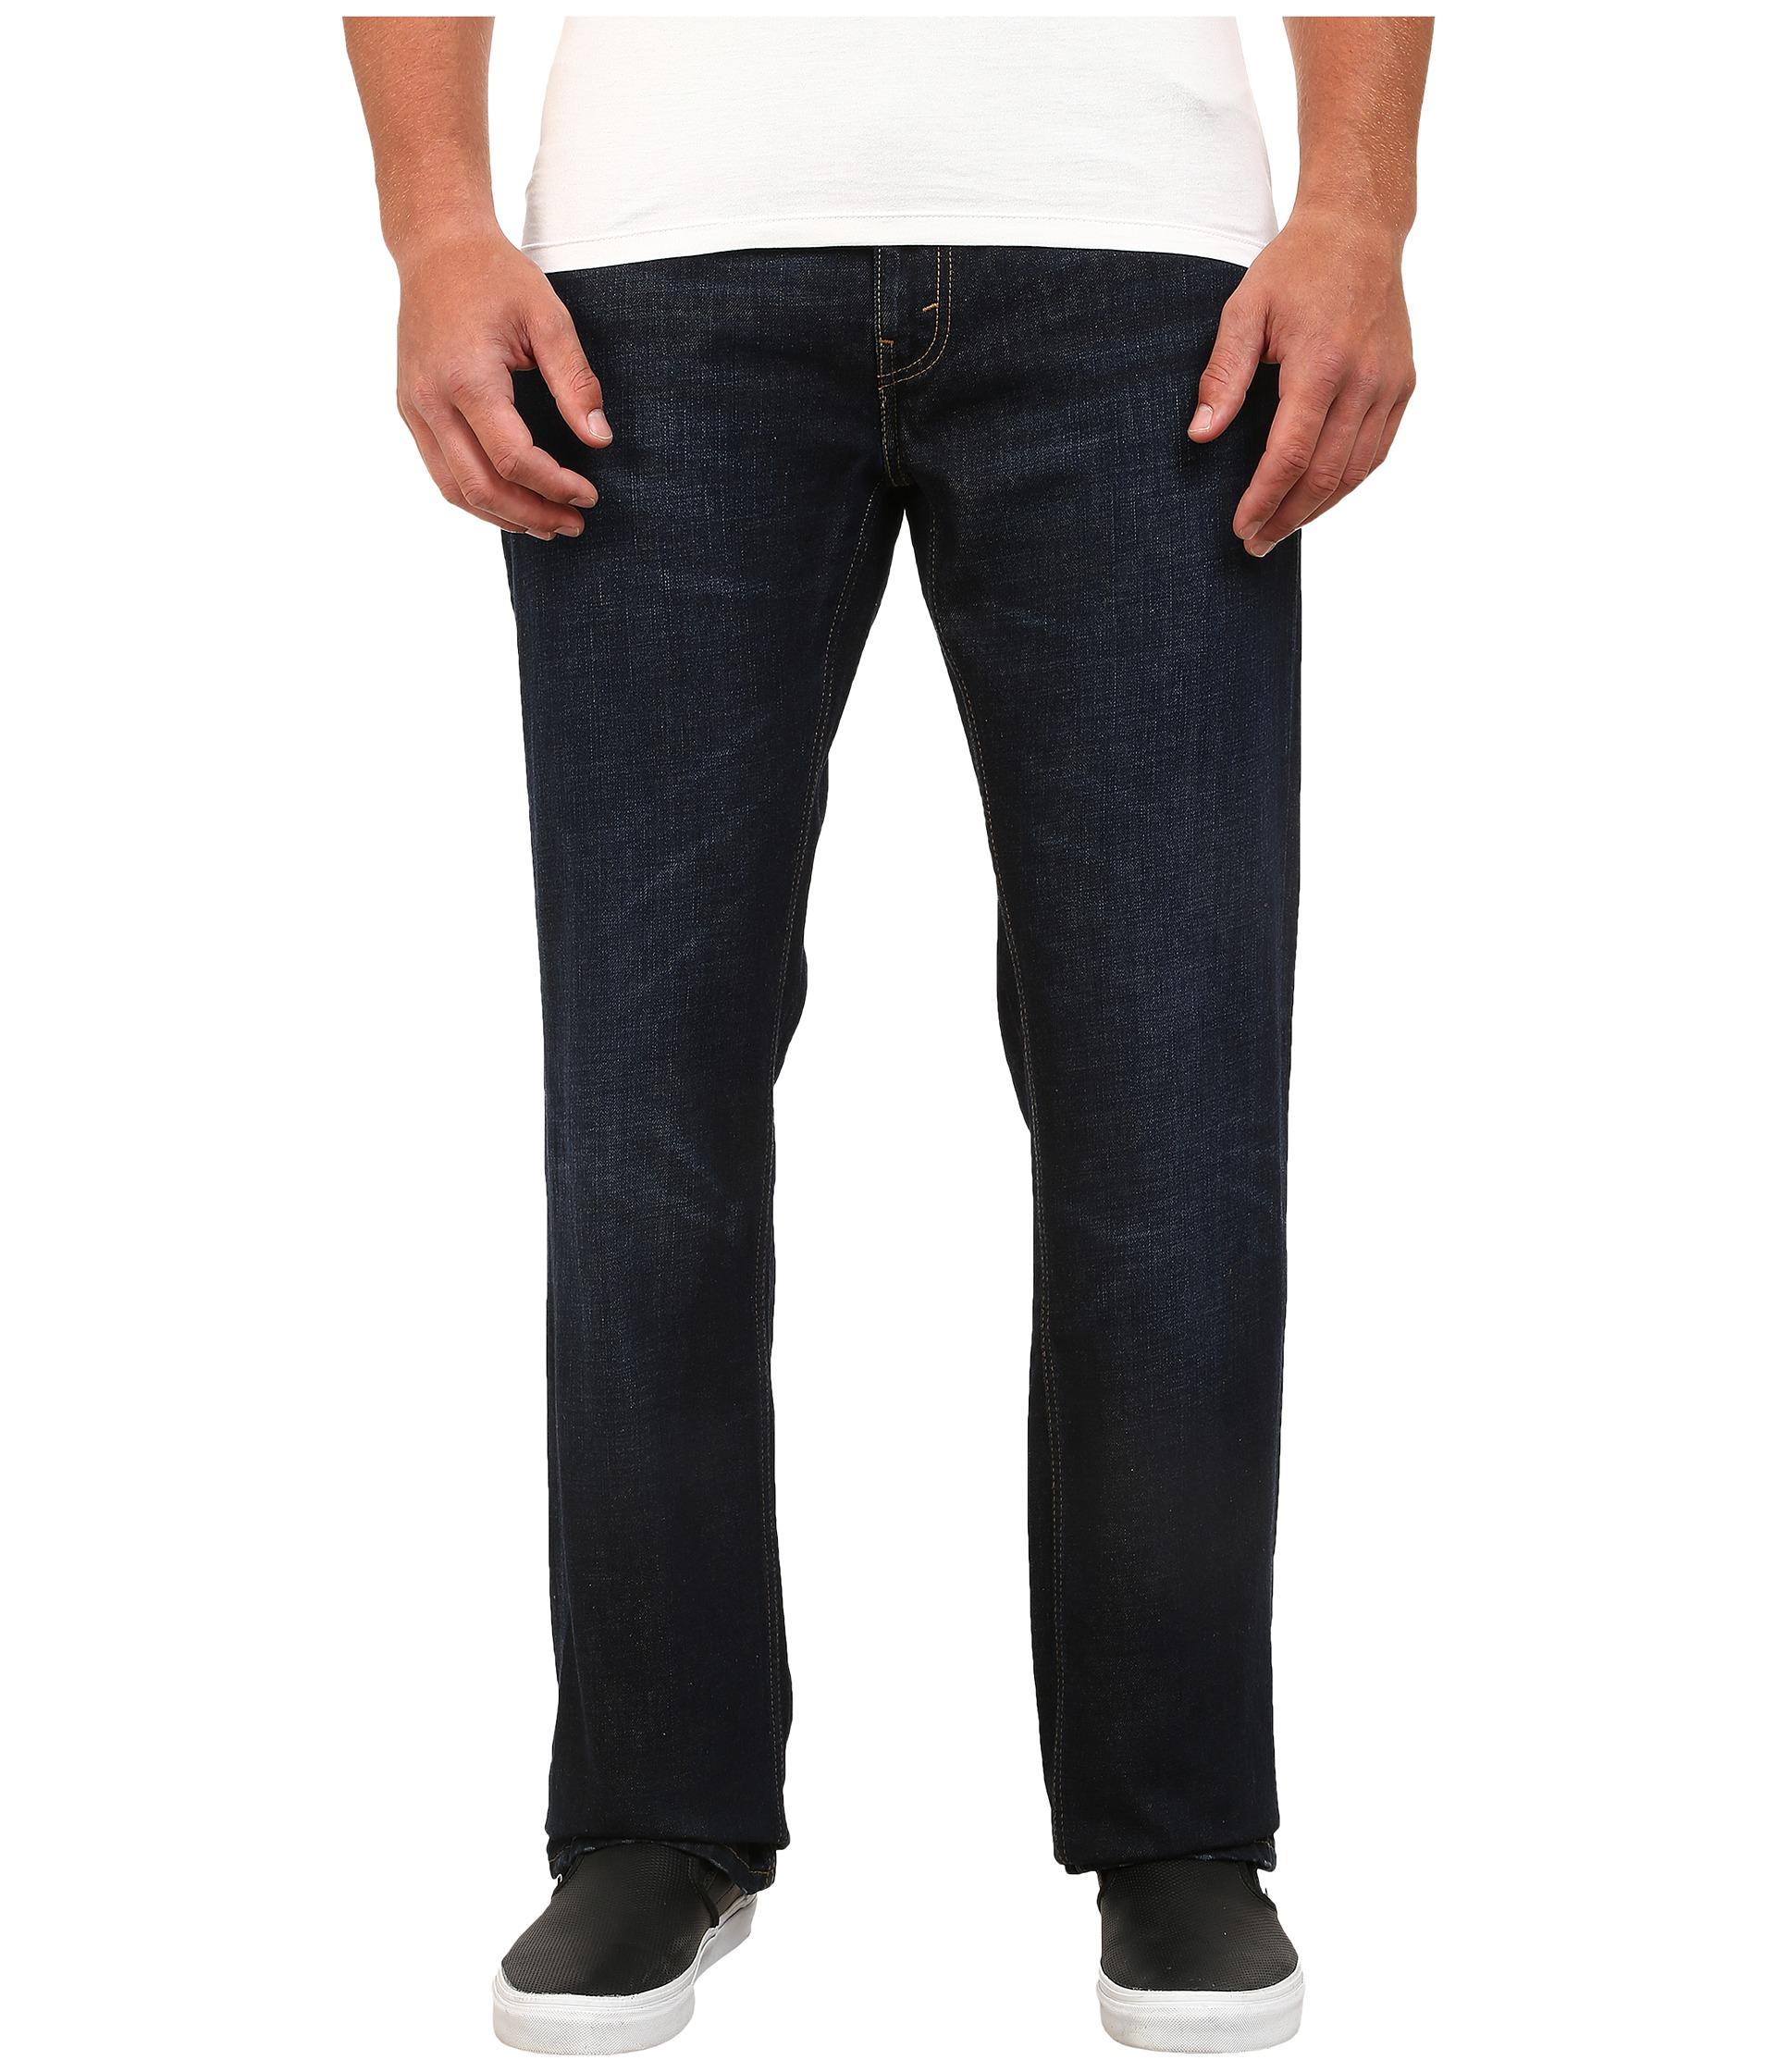 jeans levis 727. Black Bedroom Furniture Sets. Home Design Ideas